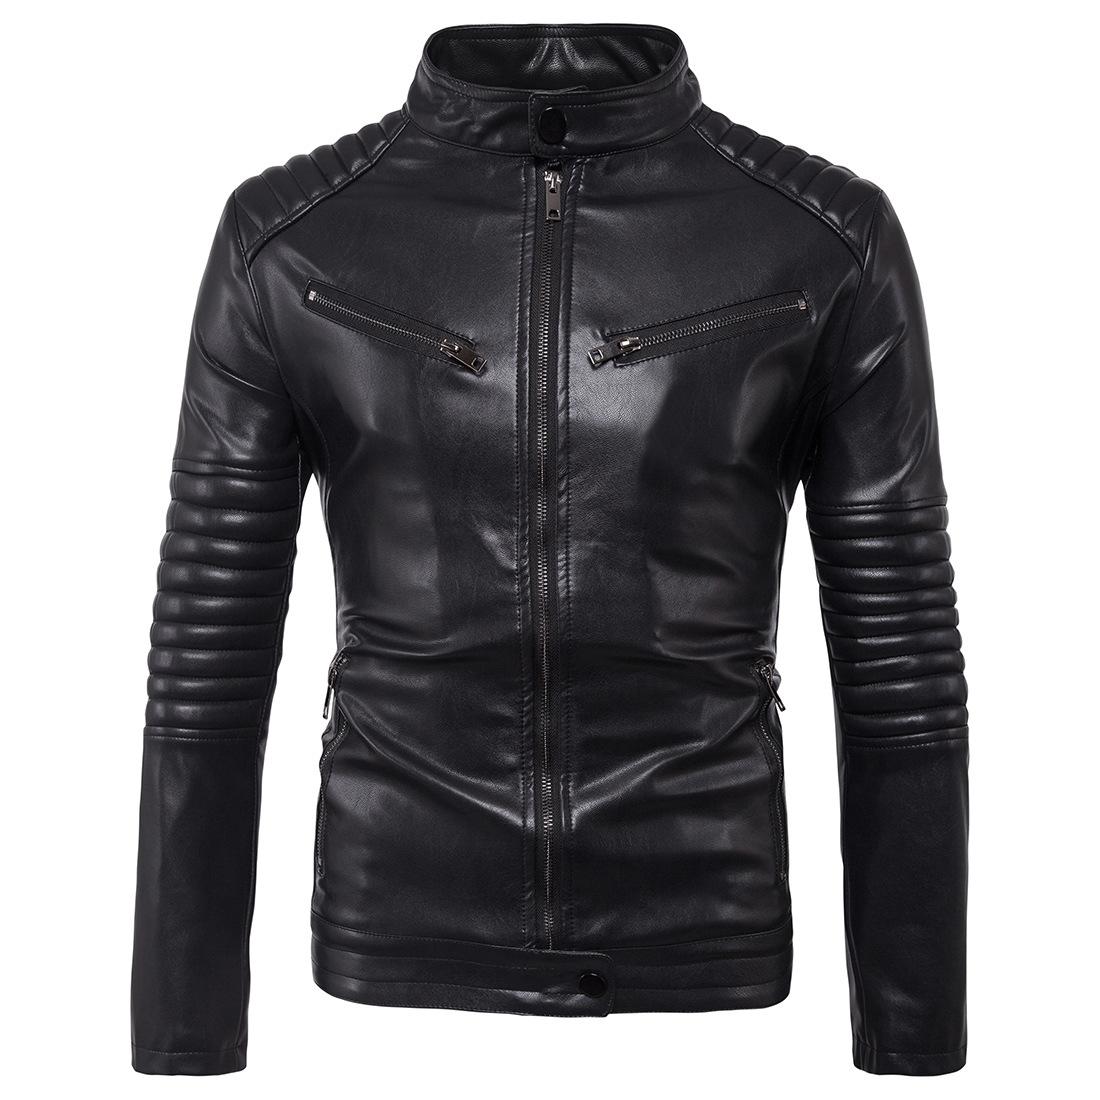 เสื้อแจ็คเก็ตหนัง ผู้ชาย สีดำ หนังPU คอจีน กระดุมเป๊กที่คอ แขนยาว ซิปเต็มตัว แต่งหัวไหล่และแขน กระเป๋าหลอกที่หน้าอก กระเป๋าข้างใช้งานได้ เสื้อมีซับใน หนังดี ใส่เป็นเสื้อคลุม ใส่ทำงาน ใส่เที่ยว ใส่ขี่มอเตอร์ไซค์ เสื้อหนังผู้ชาย